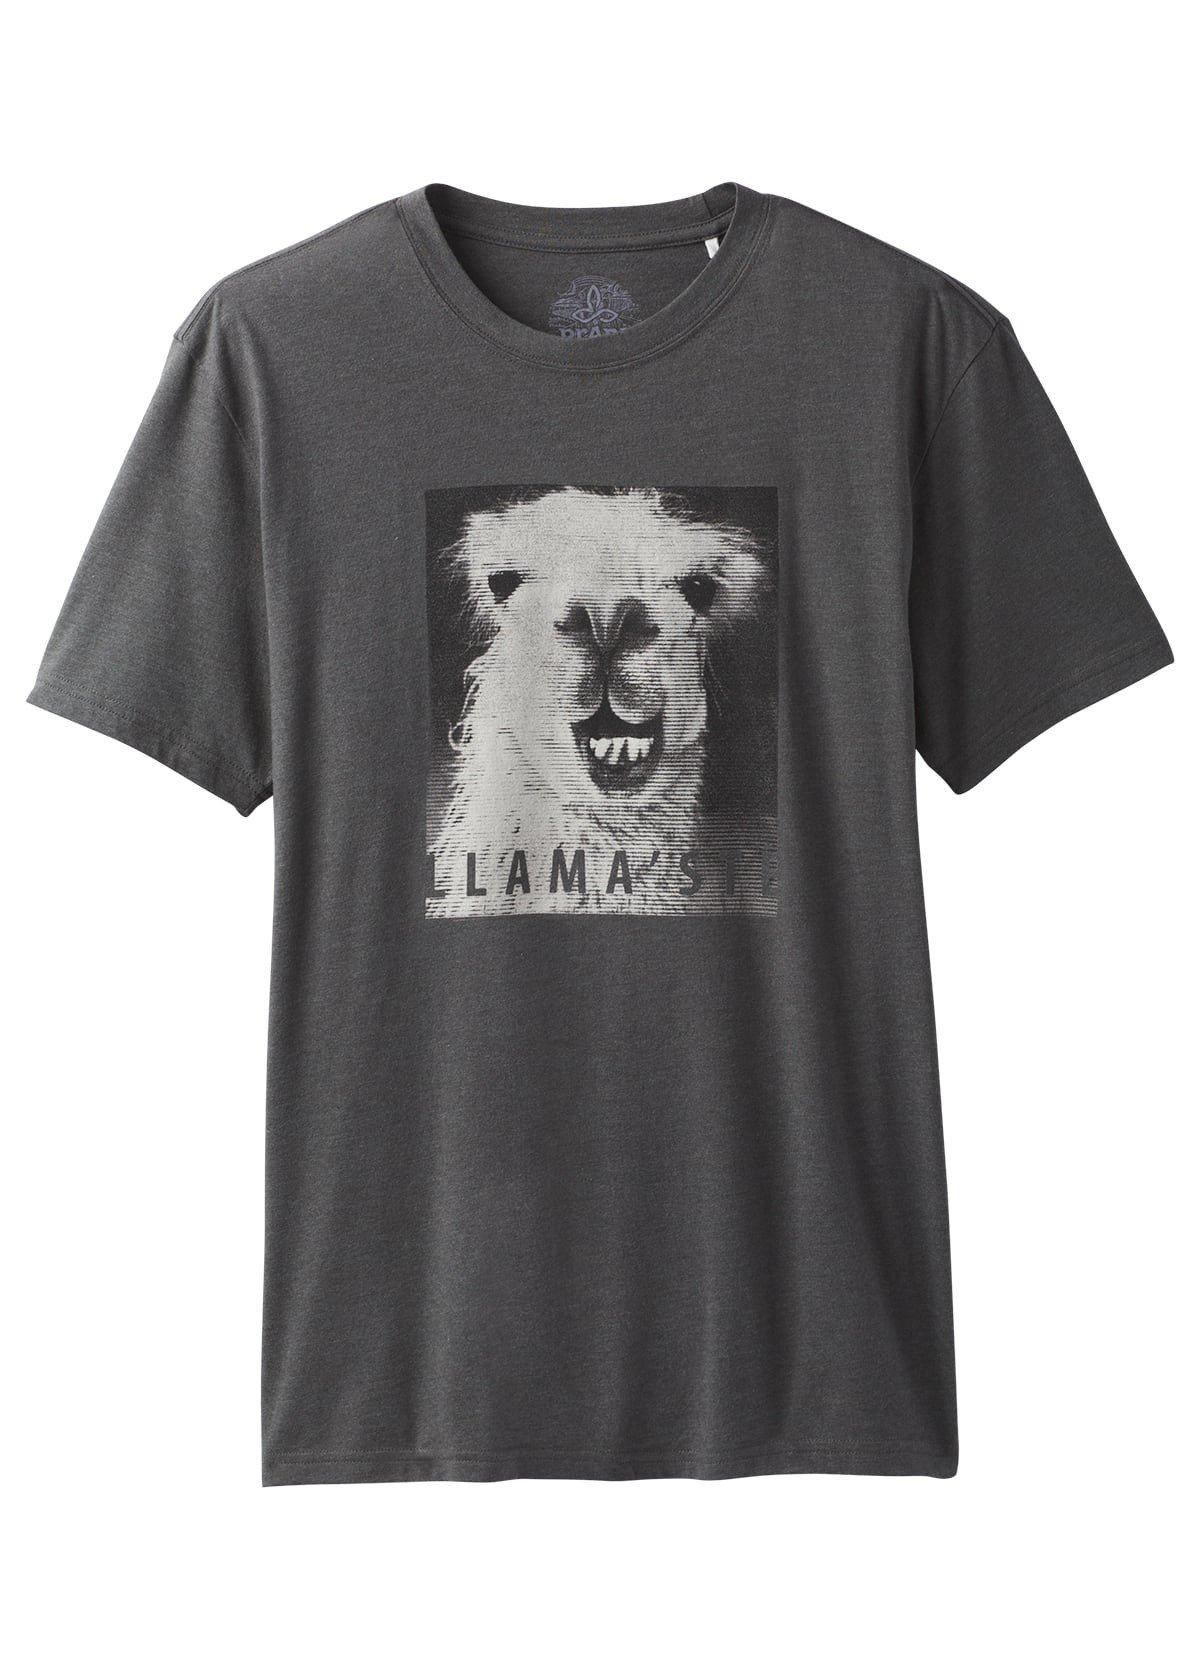 prAna Llama'ste Journeyman Shirt